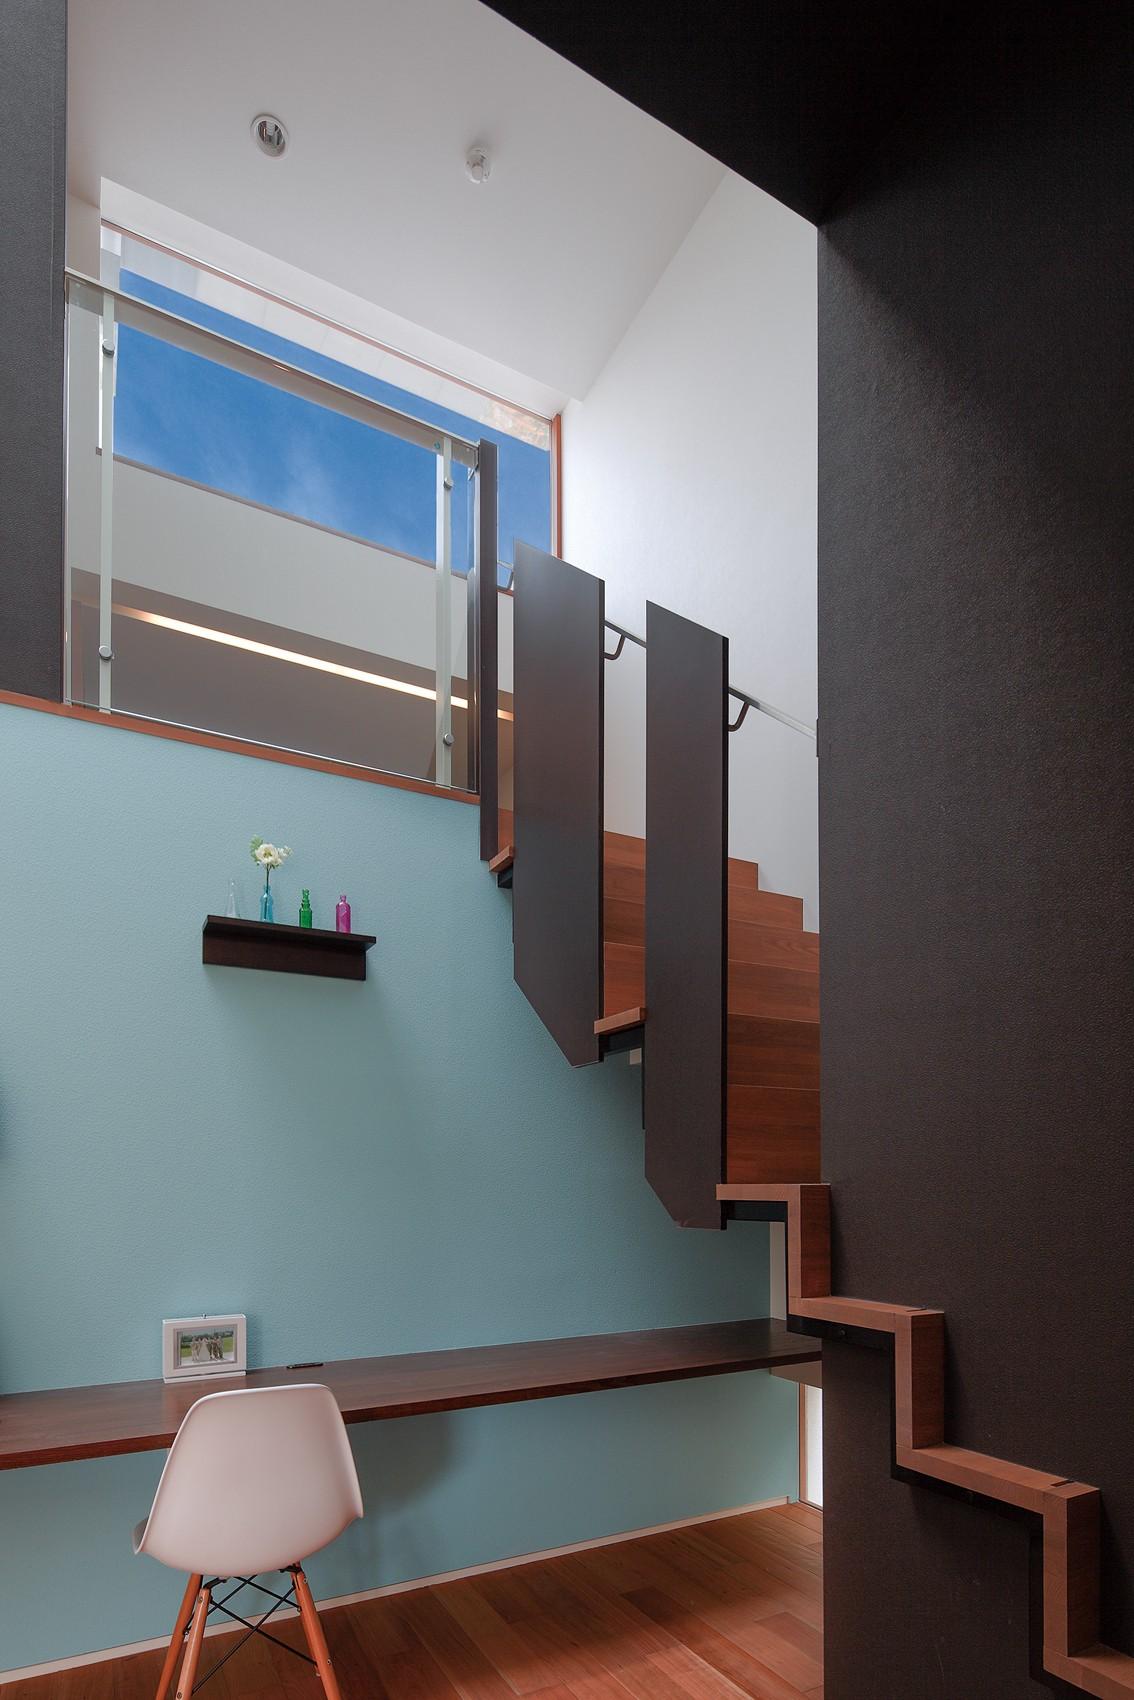 その他事例:ソラに向かう階段(仕事場のある住まい|あなたの場所・自分の居場所を創る|みずみずしいブルーが印象的なWorking Space)